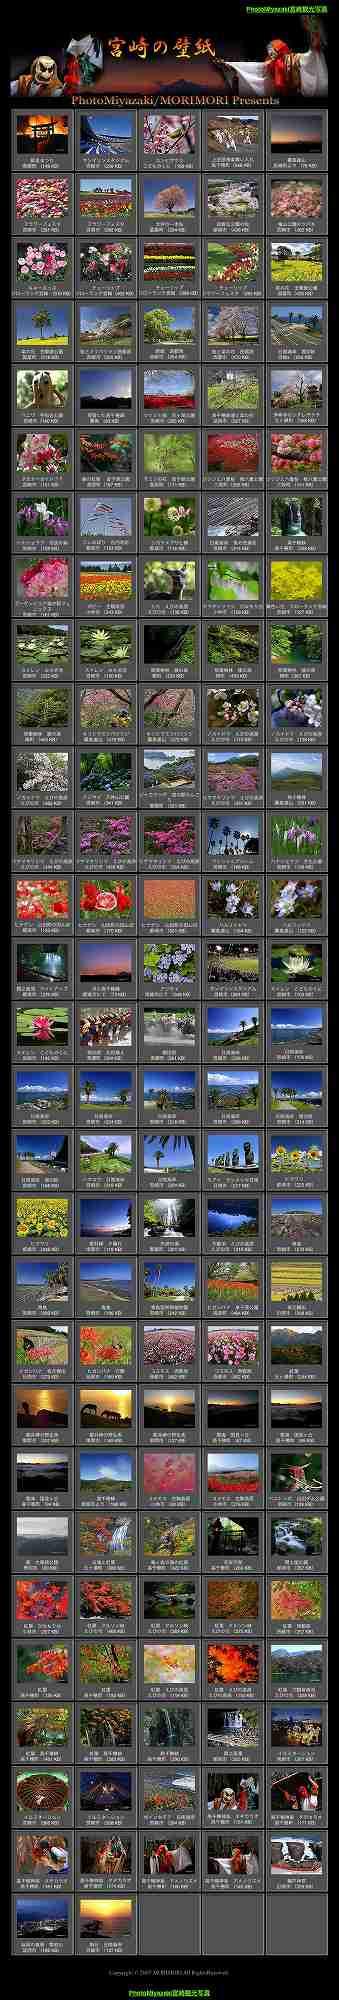 宮崎県で撮影した写真の壁紙TOPページキャプチャ画像